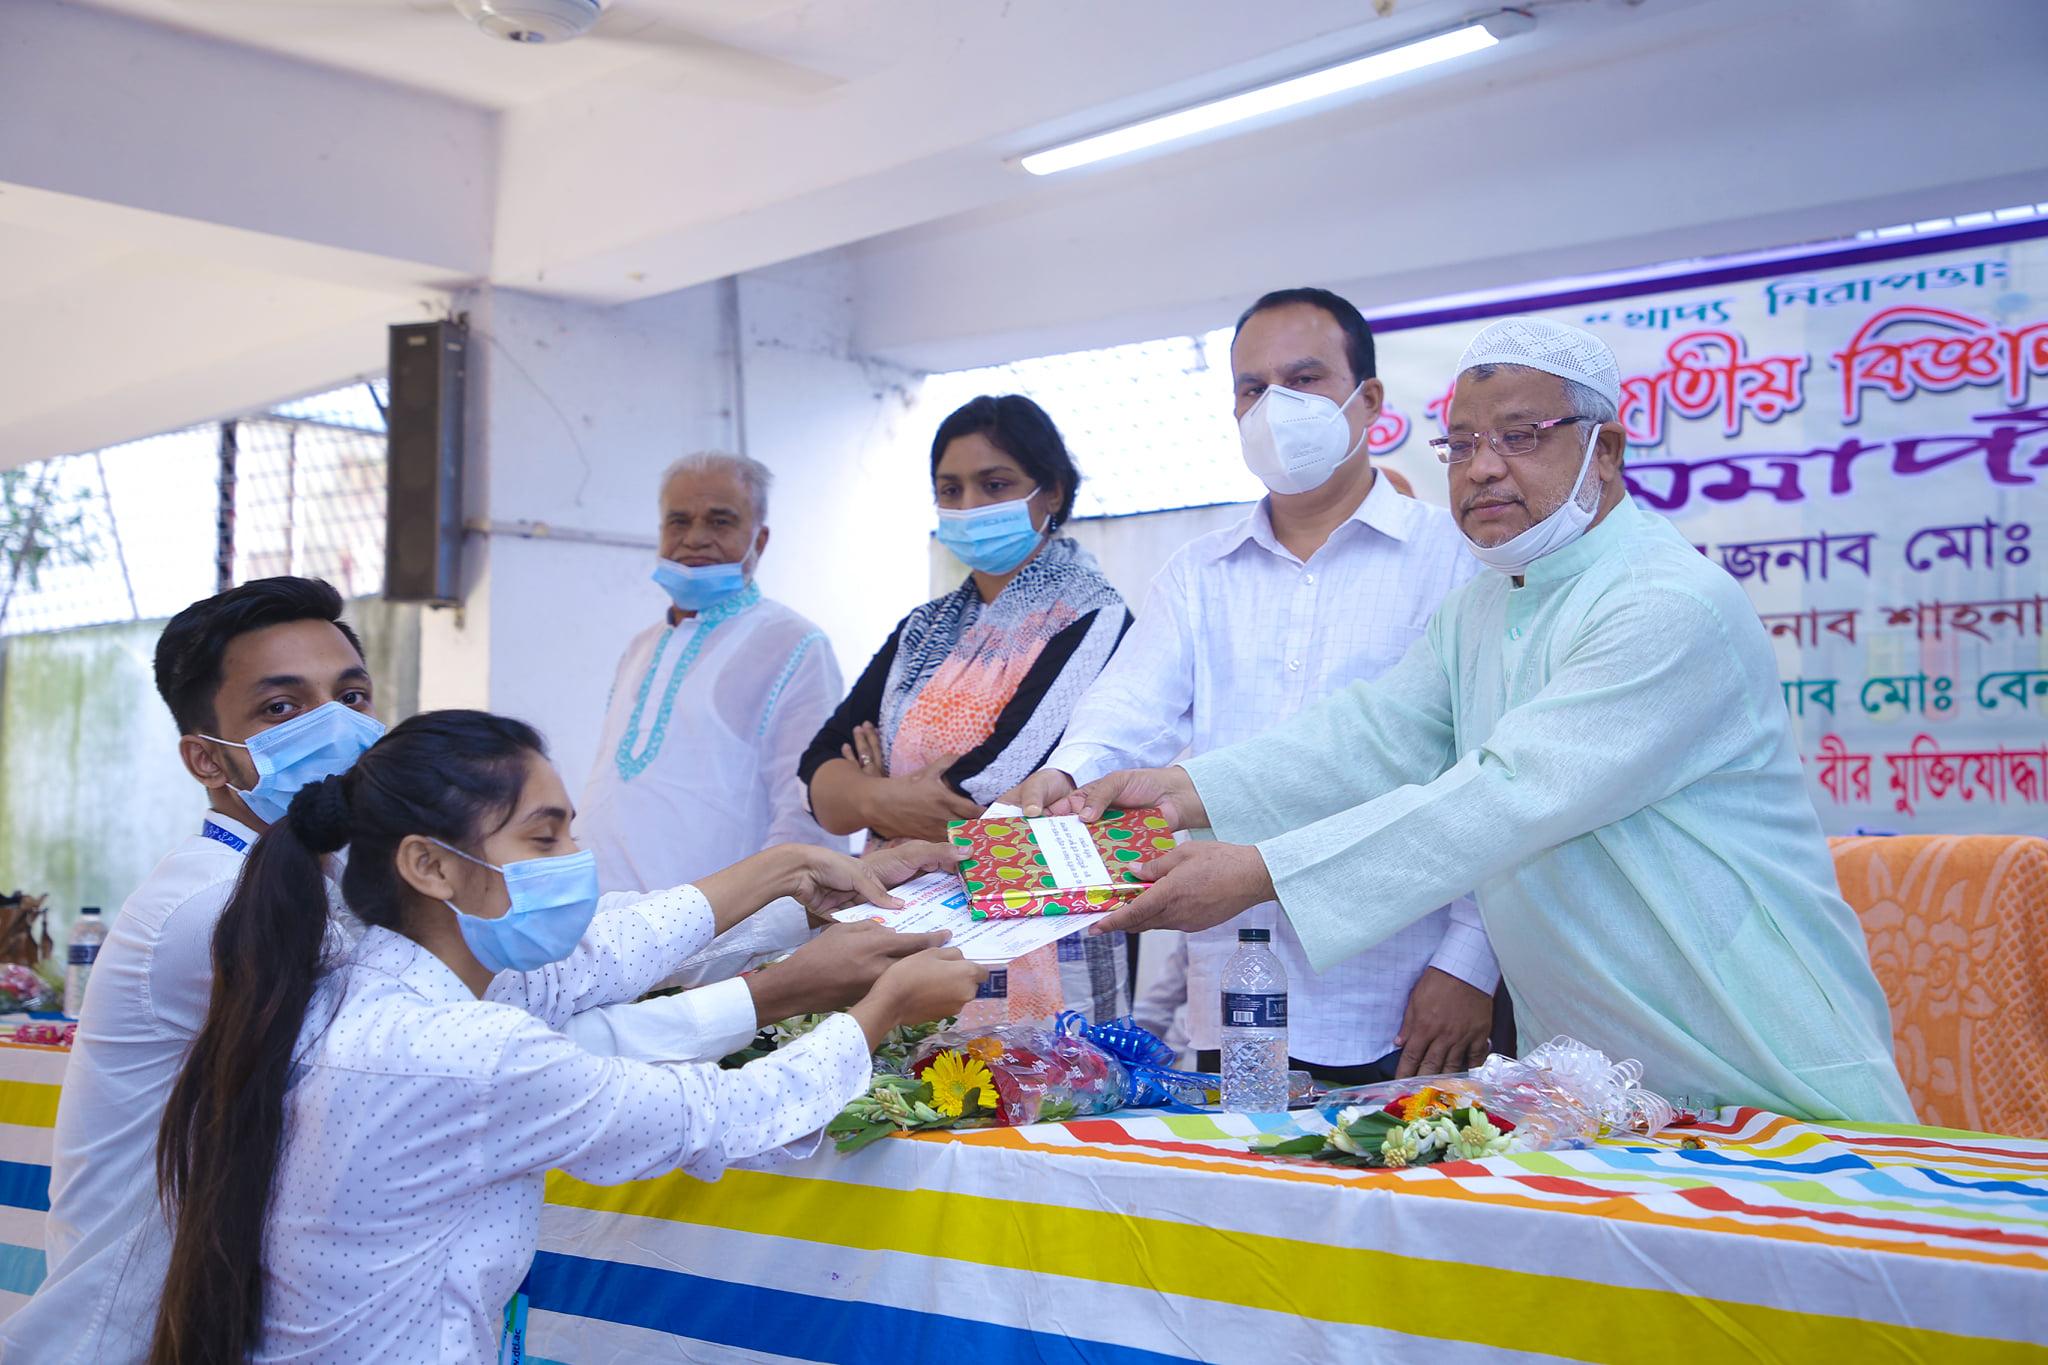 ৪১তম জাতীয় বিজ্ঞান ও প্রযুক্তি সপ্তাহ... - Daffodil Technical Institute - DTI | Facebook